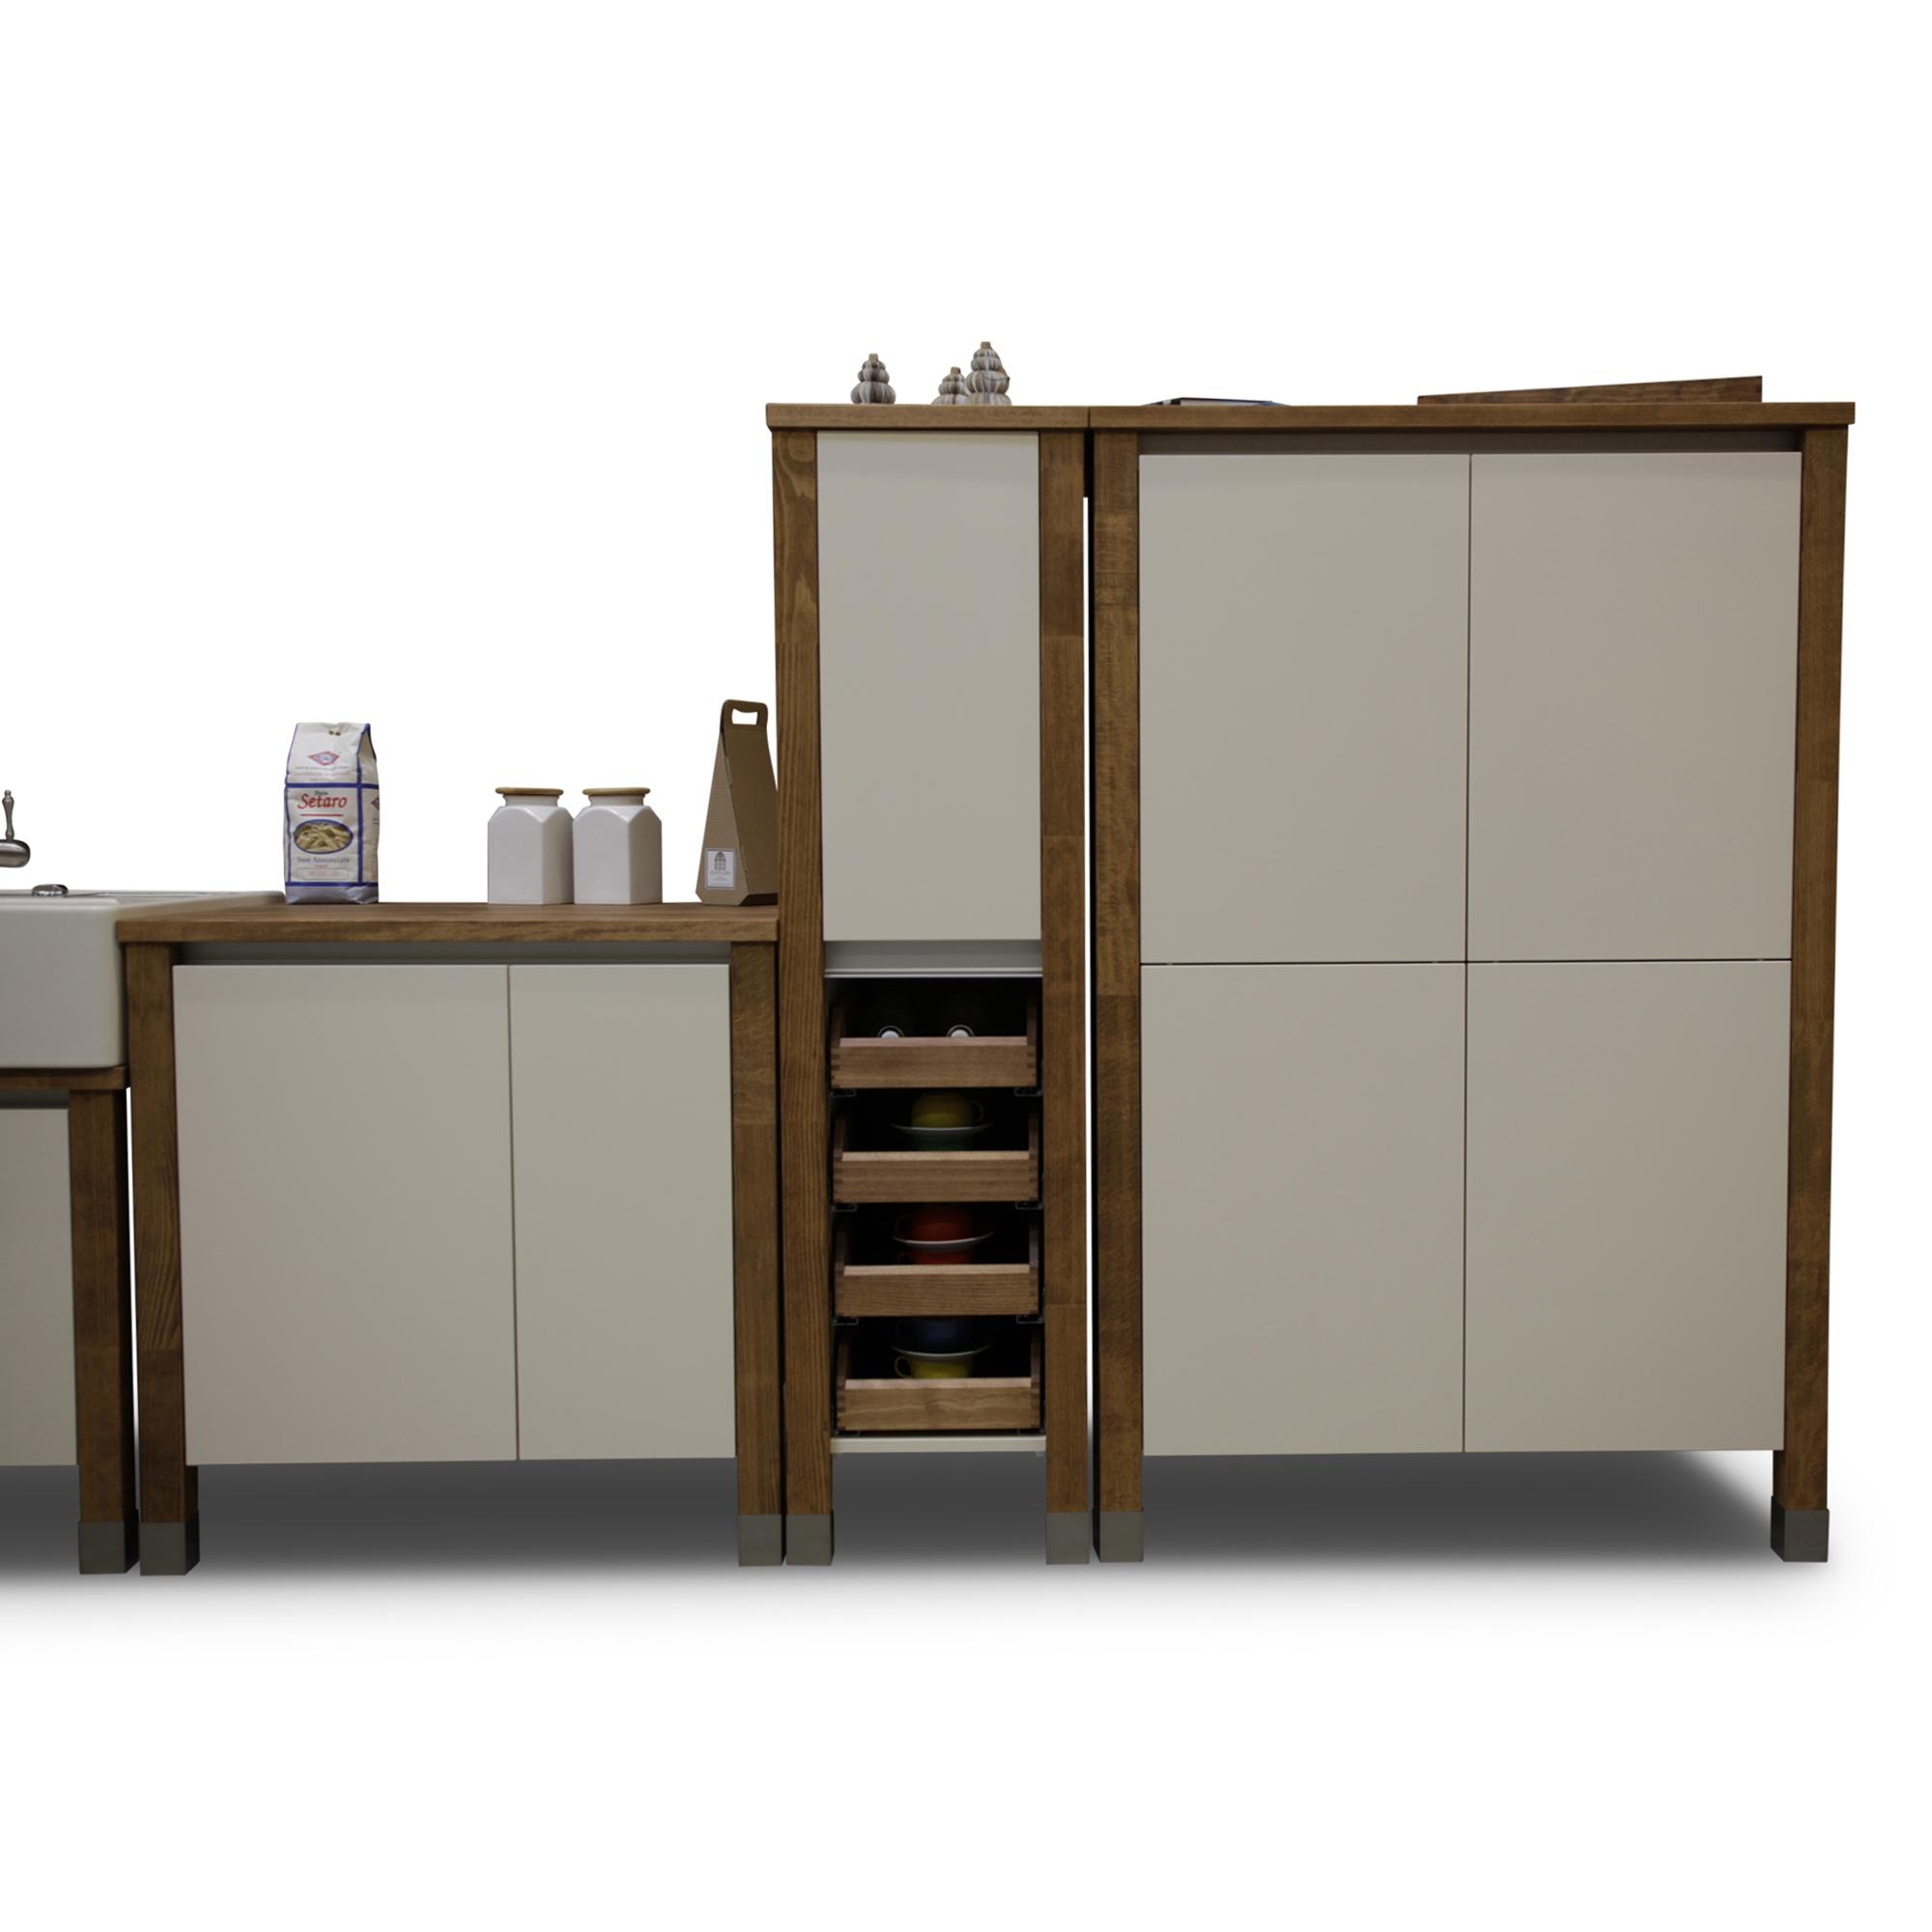 Full Size of Showroom Modulkchen Bloc Modulkche Online Kaufen Wohnzimmer Modulküchen